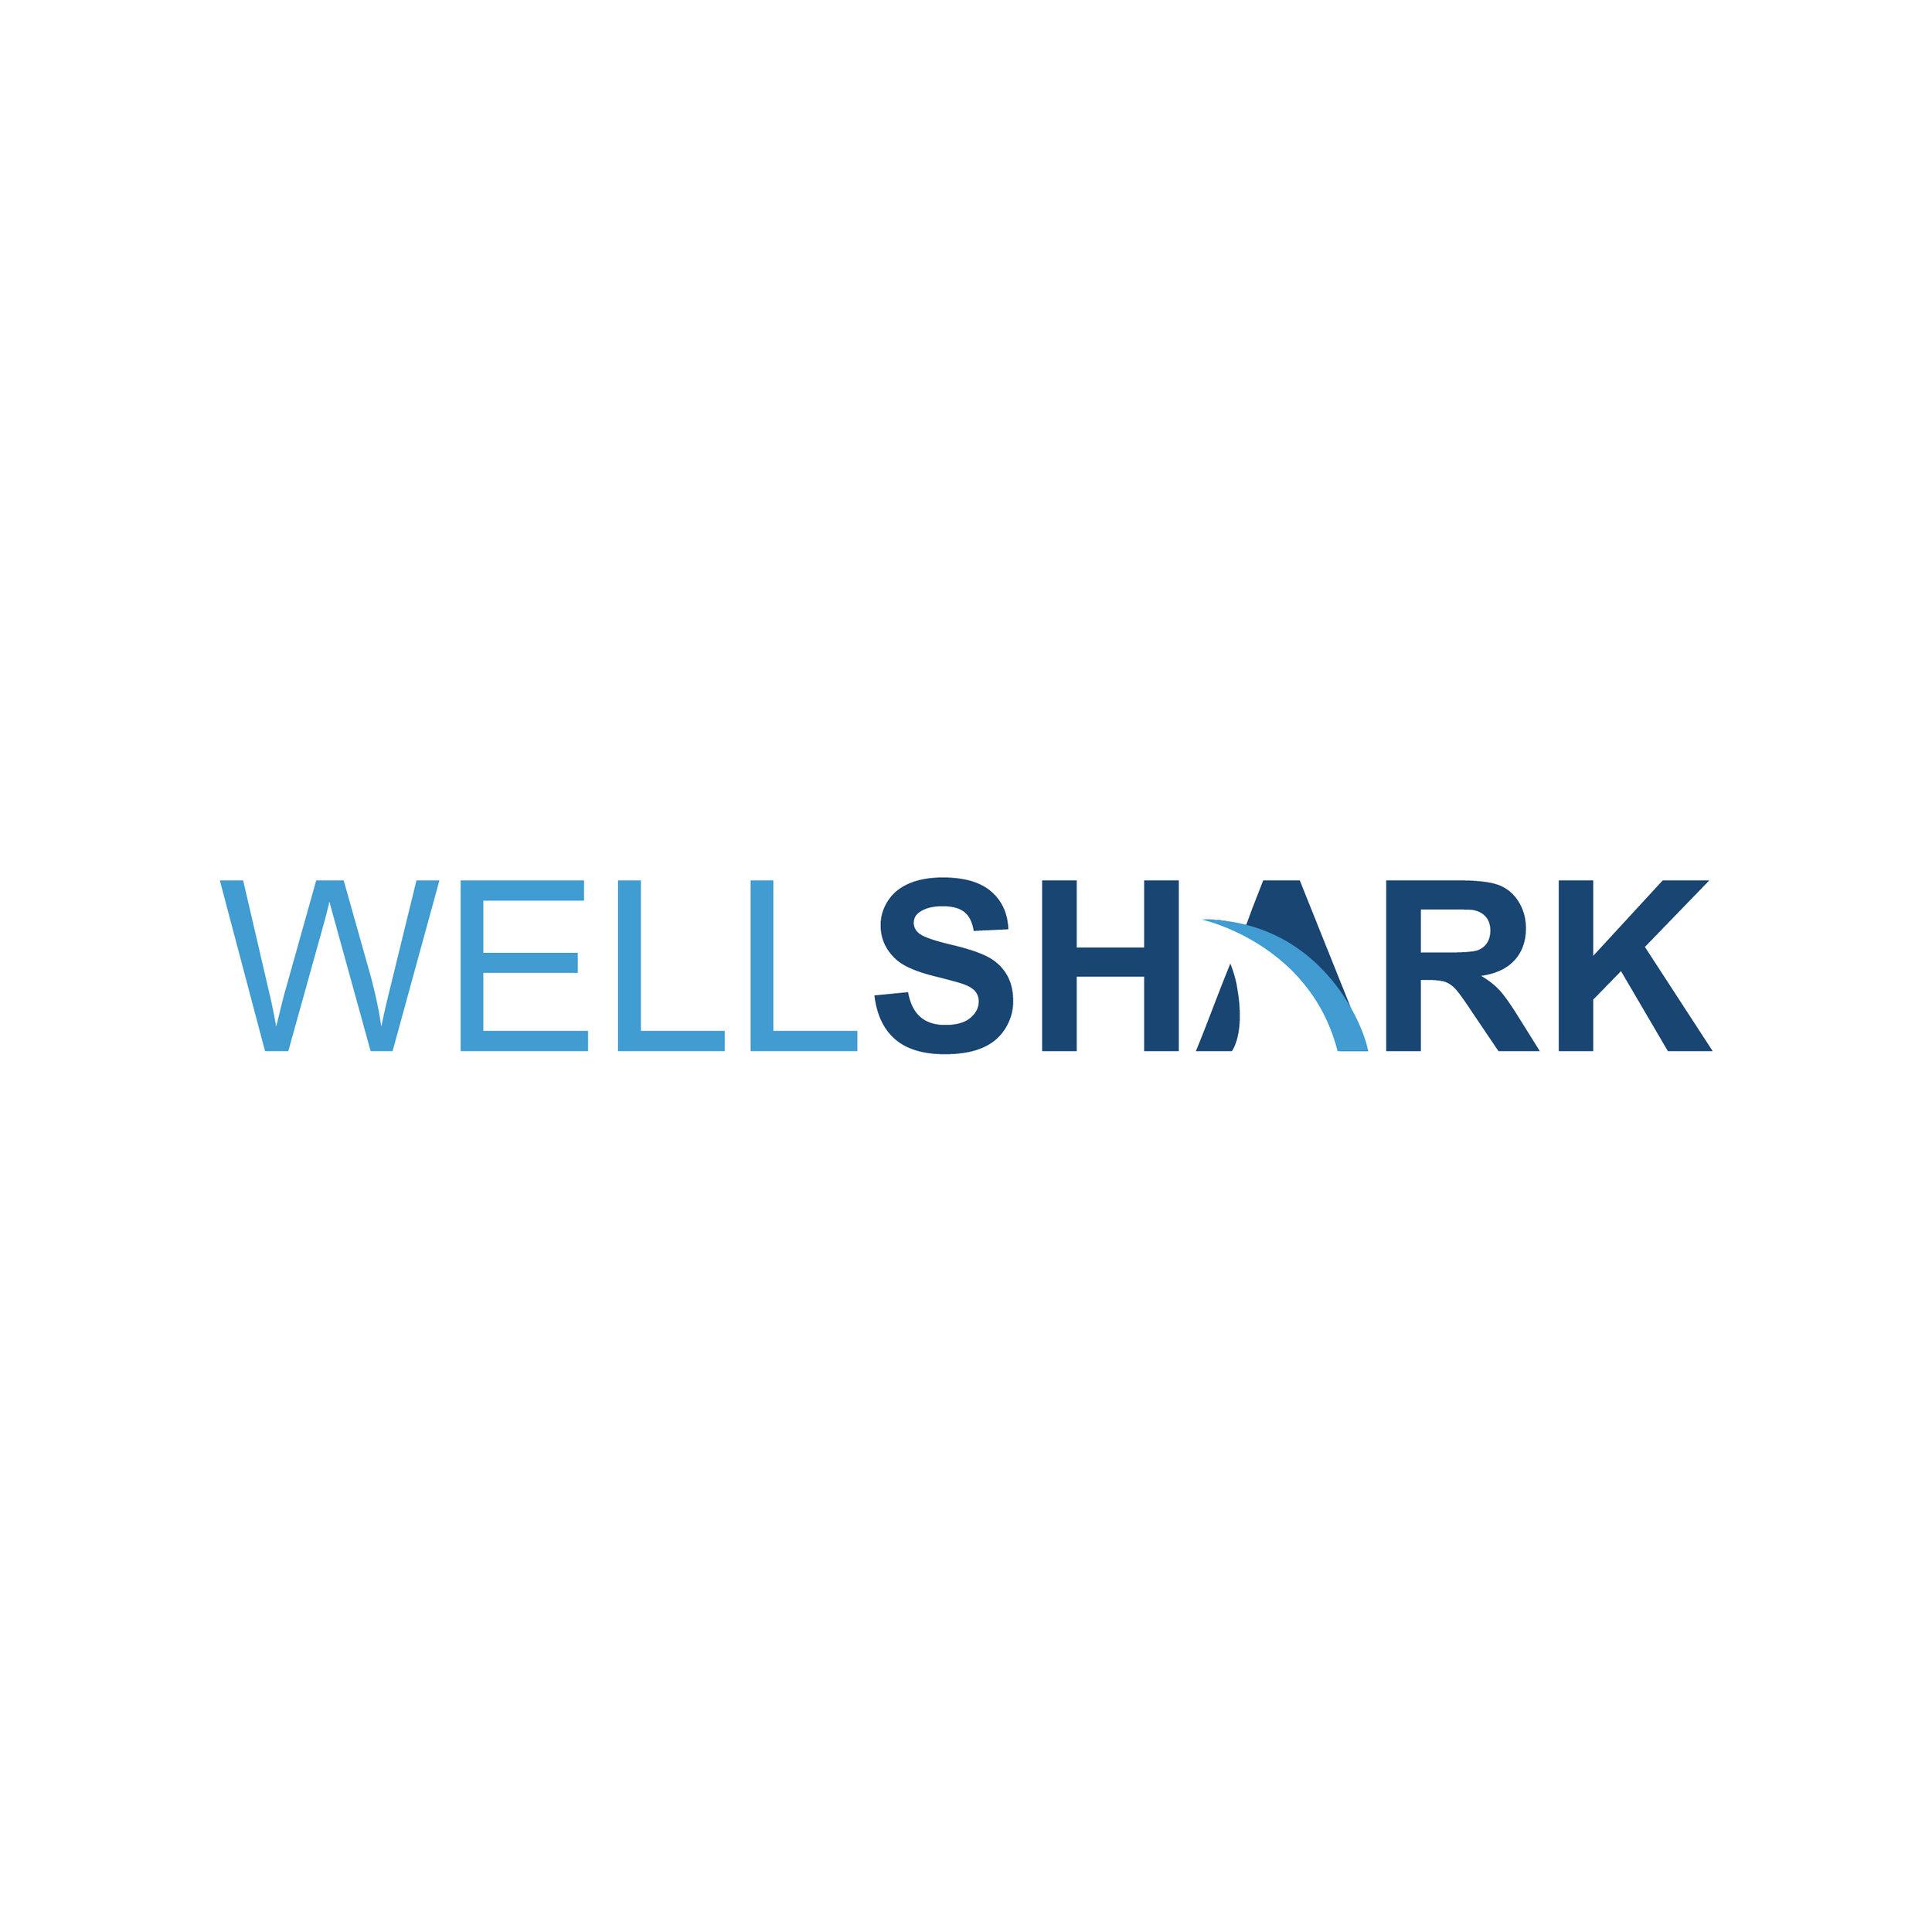 Wellshark.jpg